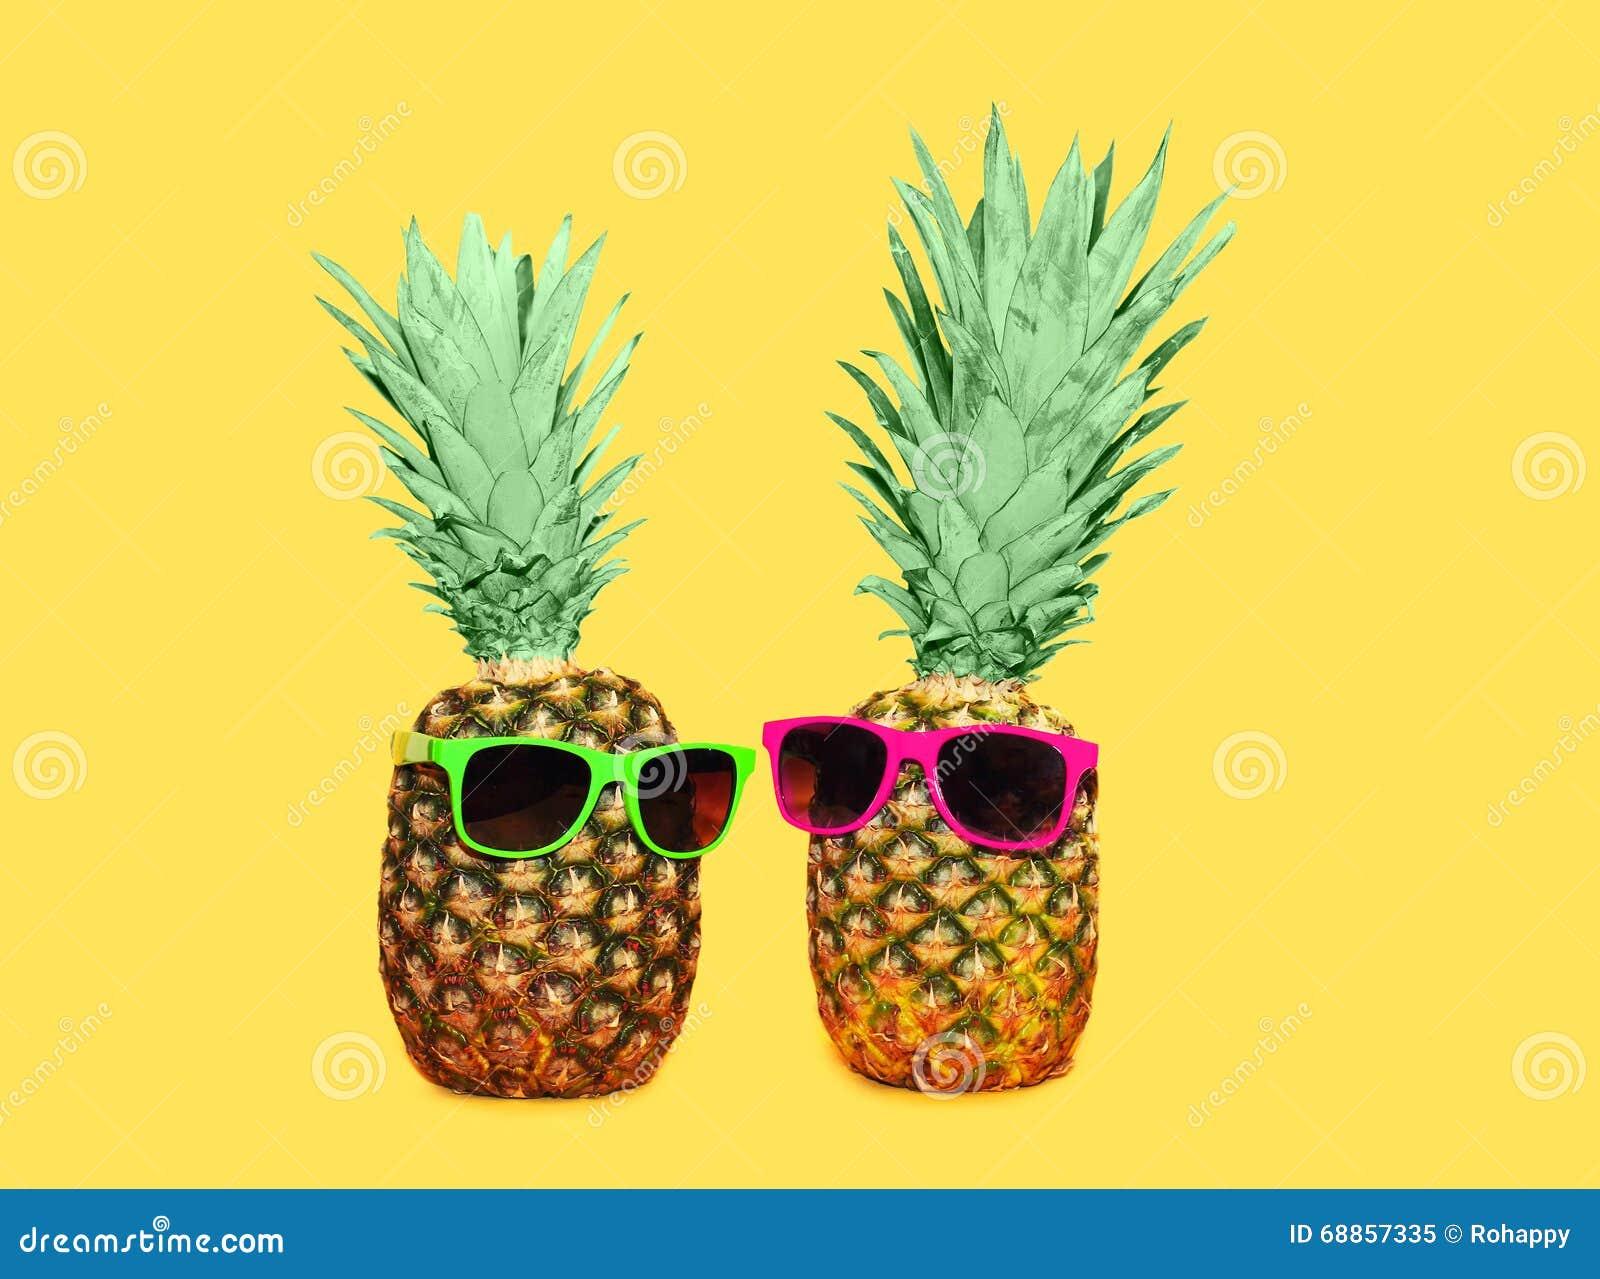 ananas zwei mit sonnenbrille auf gelbem hintergrund bunte ananas stockfoto bild 68857335. Black Bedroom Furniture Sets. Home Design Ideas